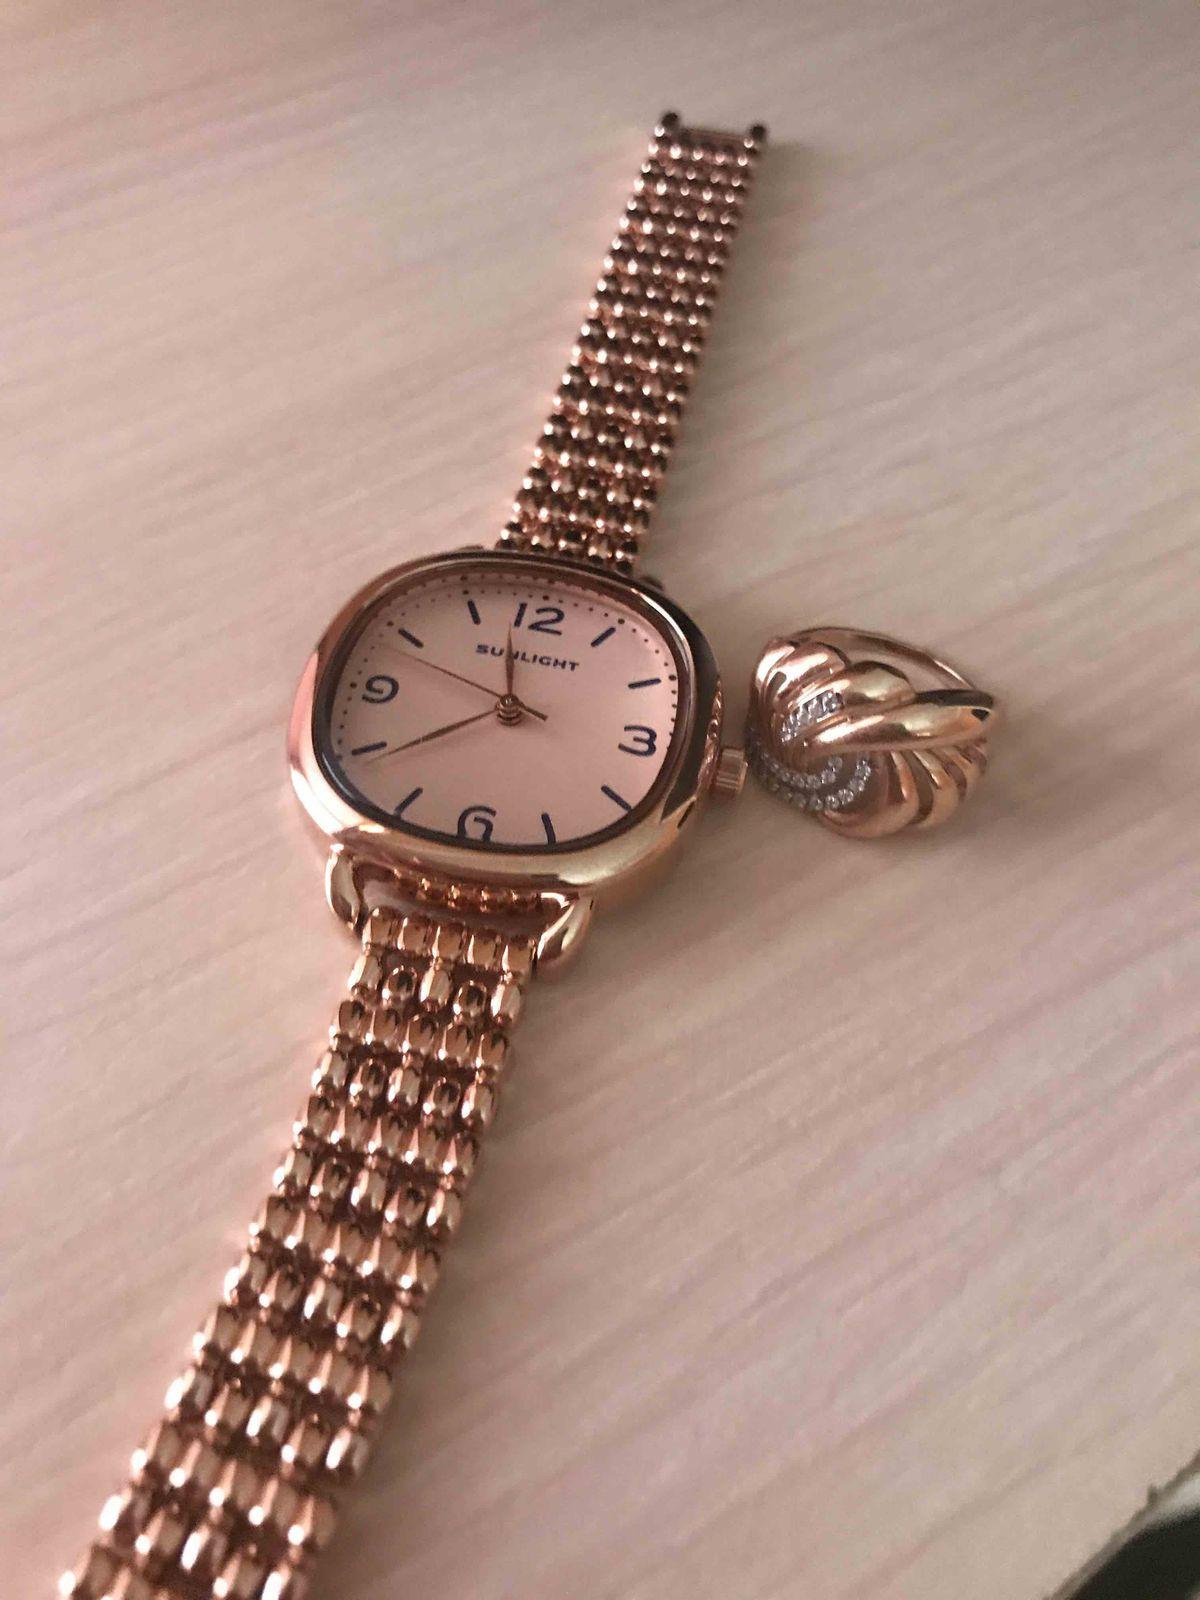 Классические женчкие часы ,на металлическом ремешке ,позалота. красивые😍😍